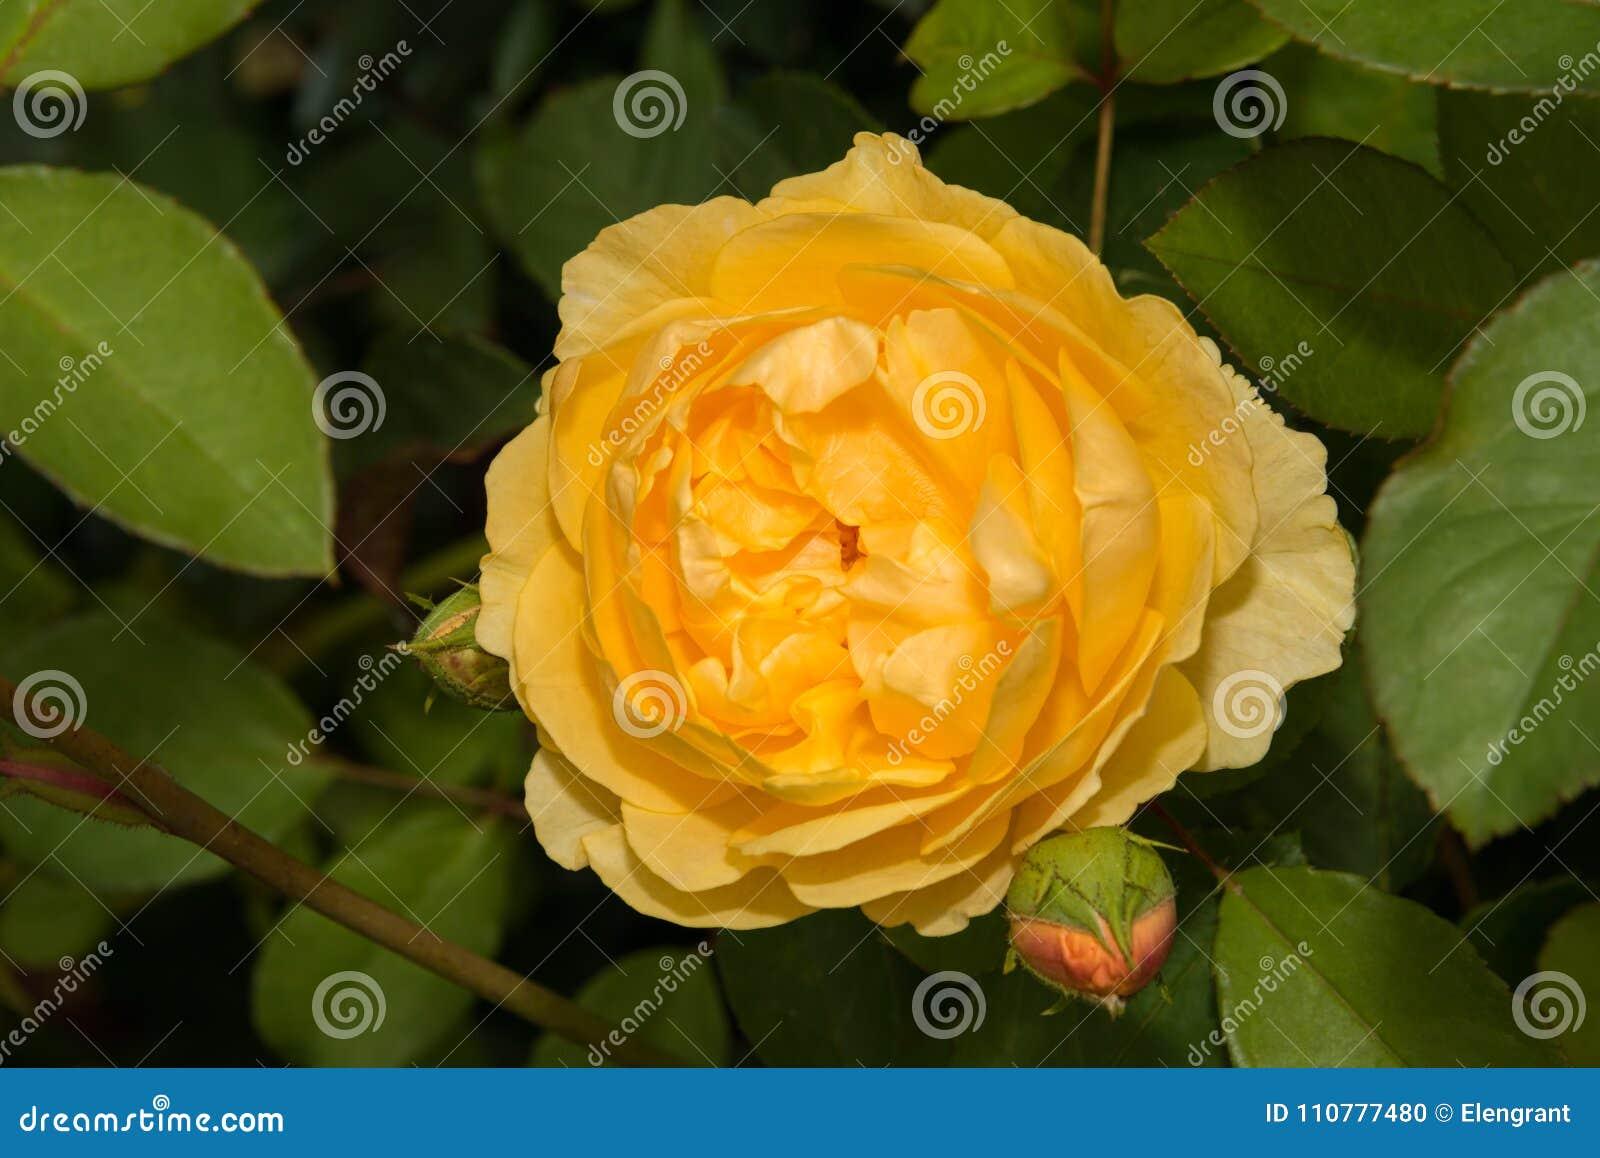 Fiori Giallo Oro.Fiore Rosa Giallo Oro Del Fiore Sul Fondo Delle Foglie Verdi